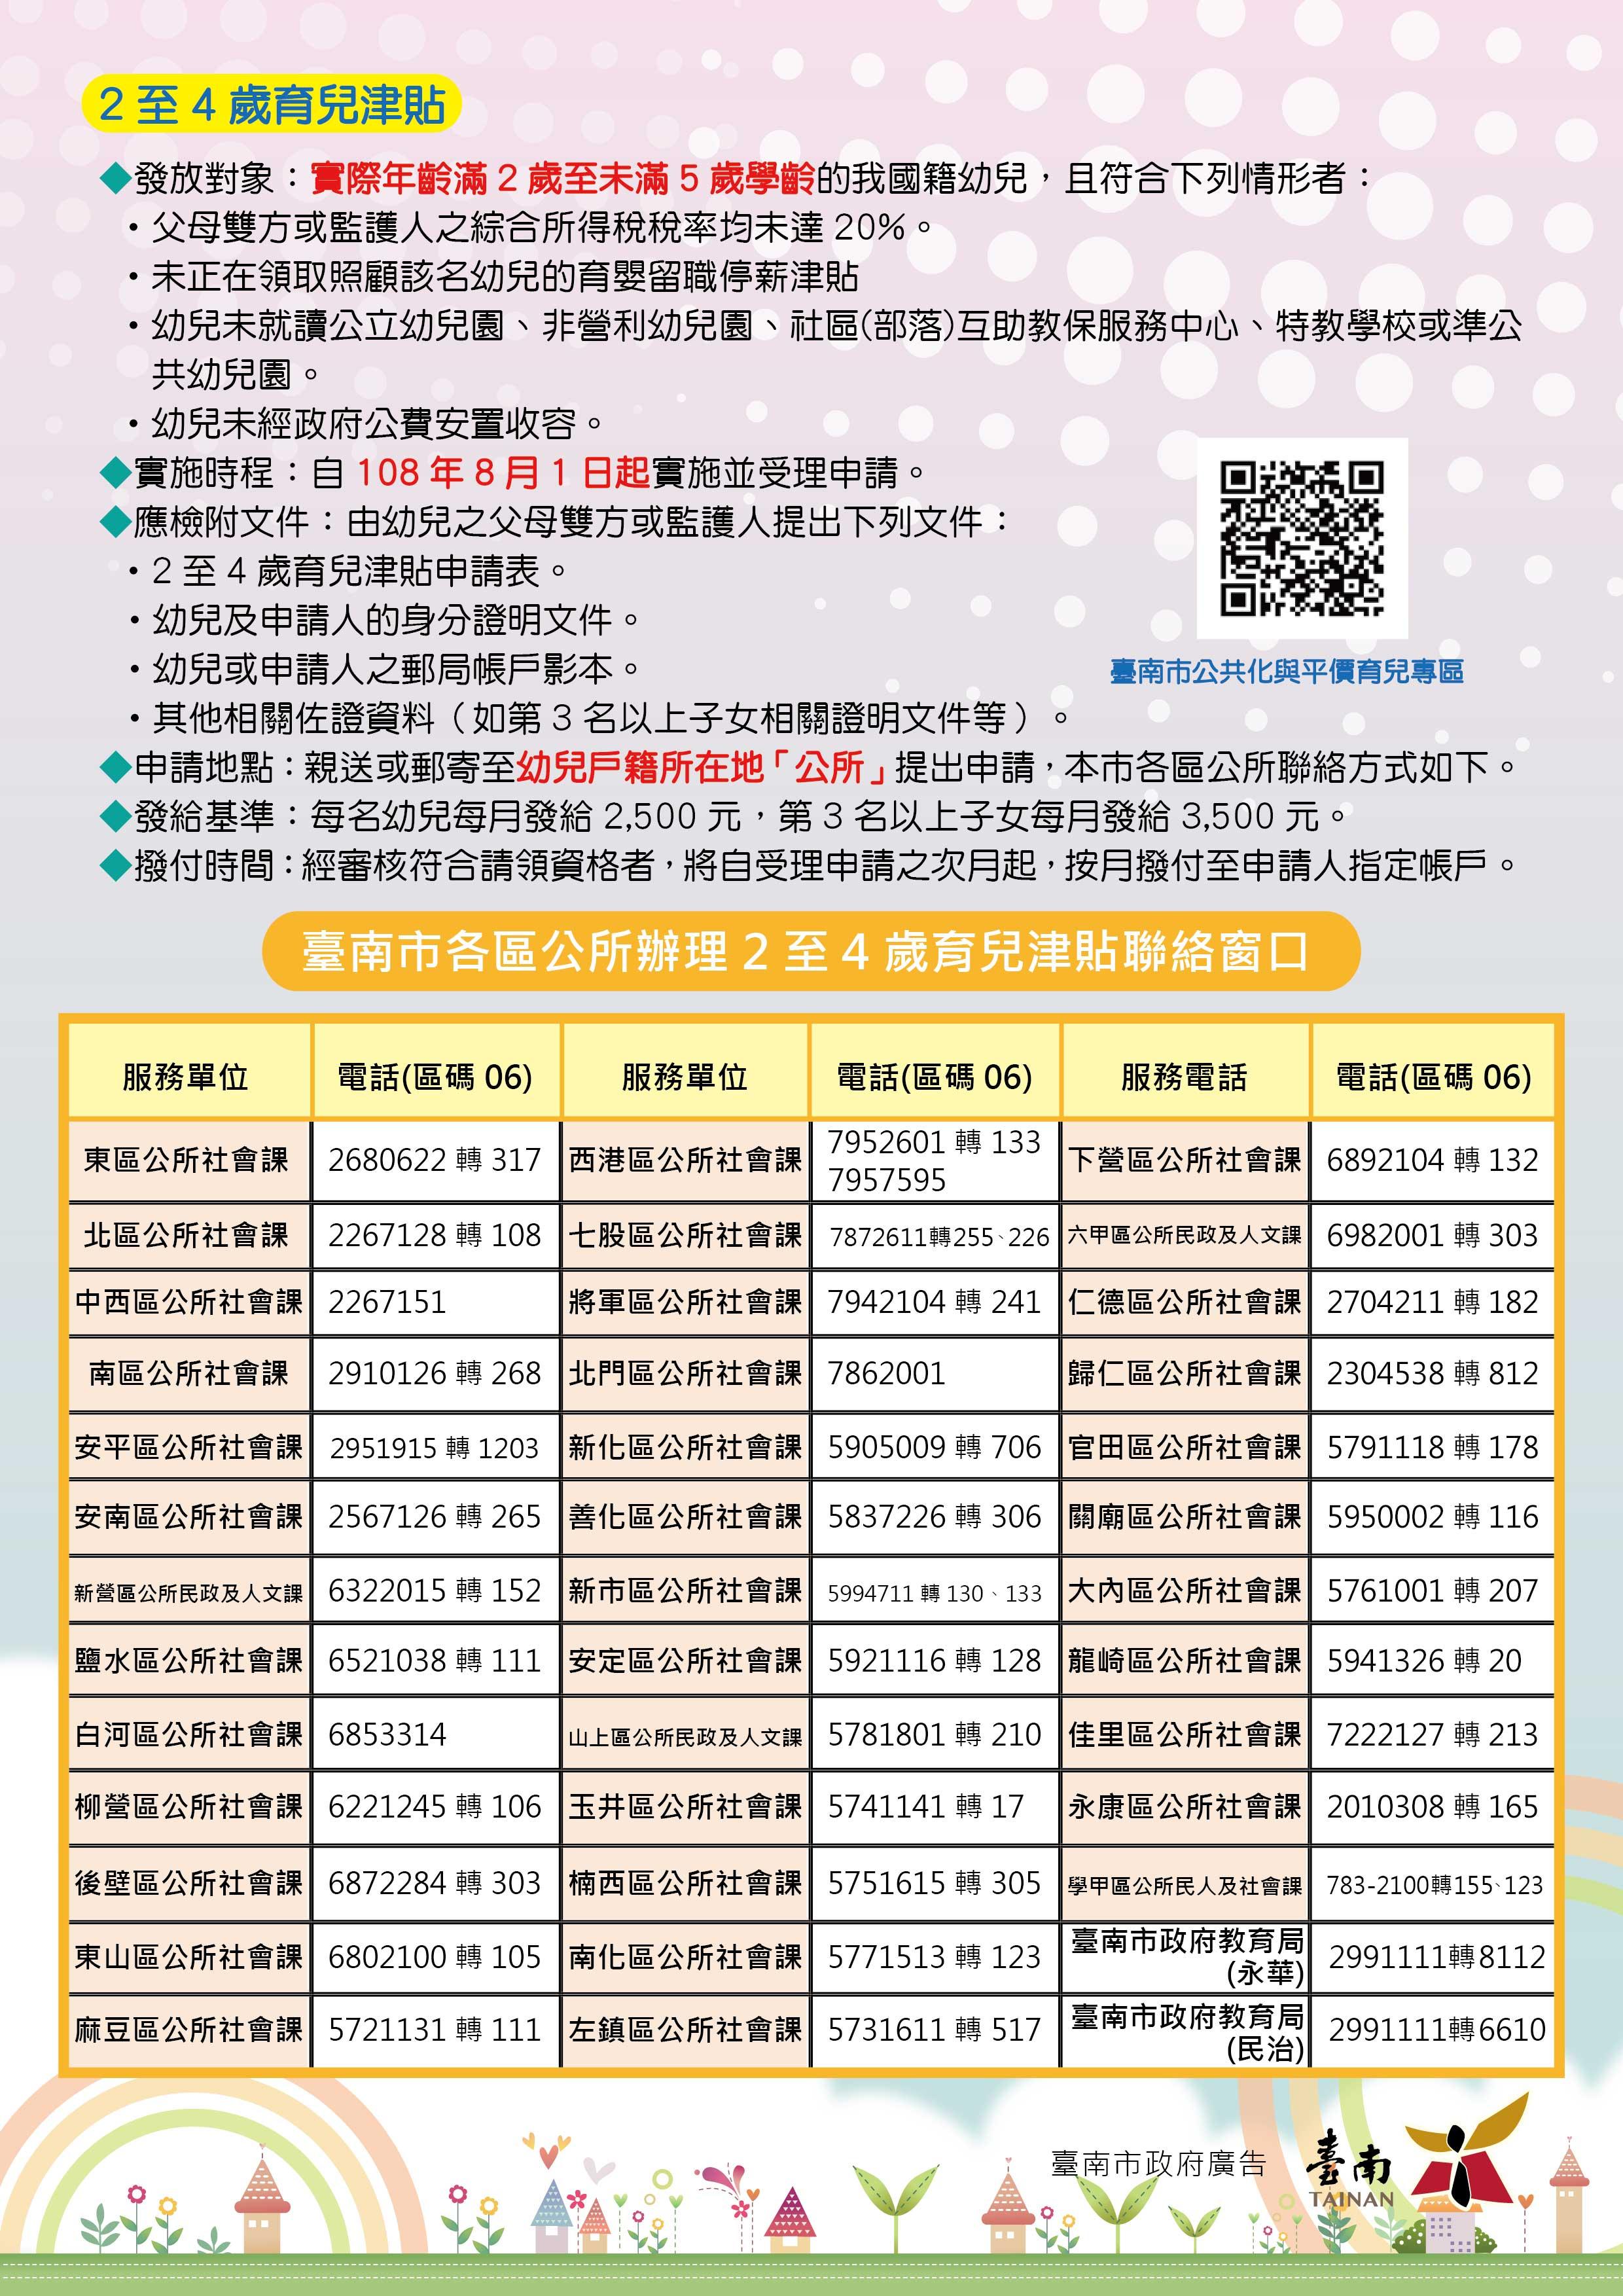 臺南市學前育兒津貼及就學補助簡表資訊.jpg